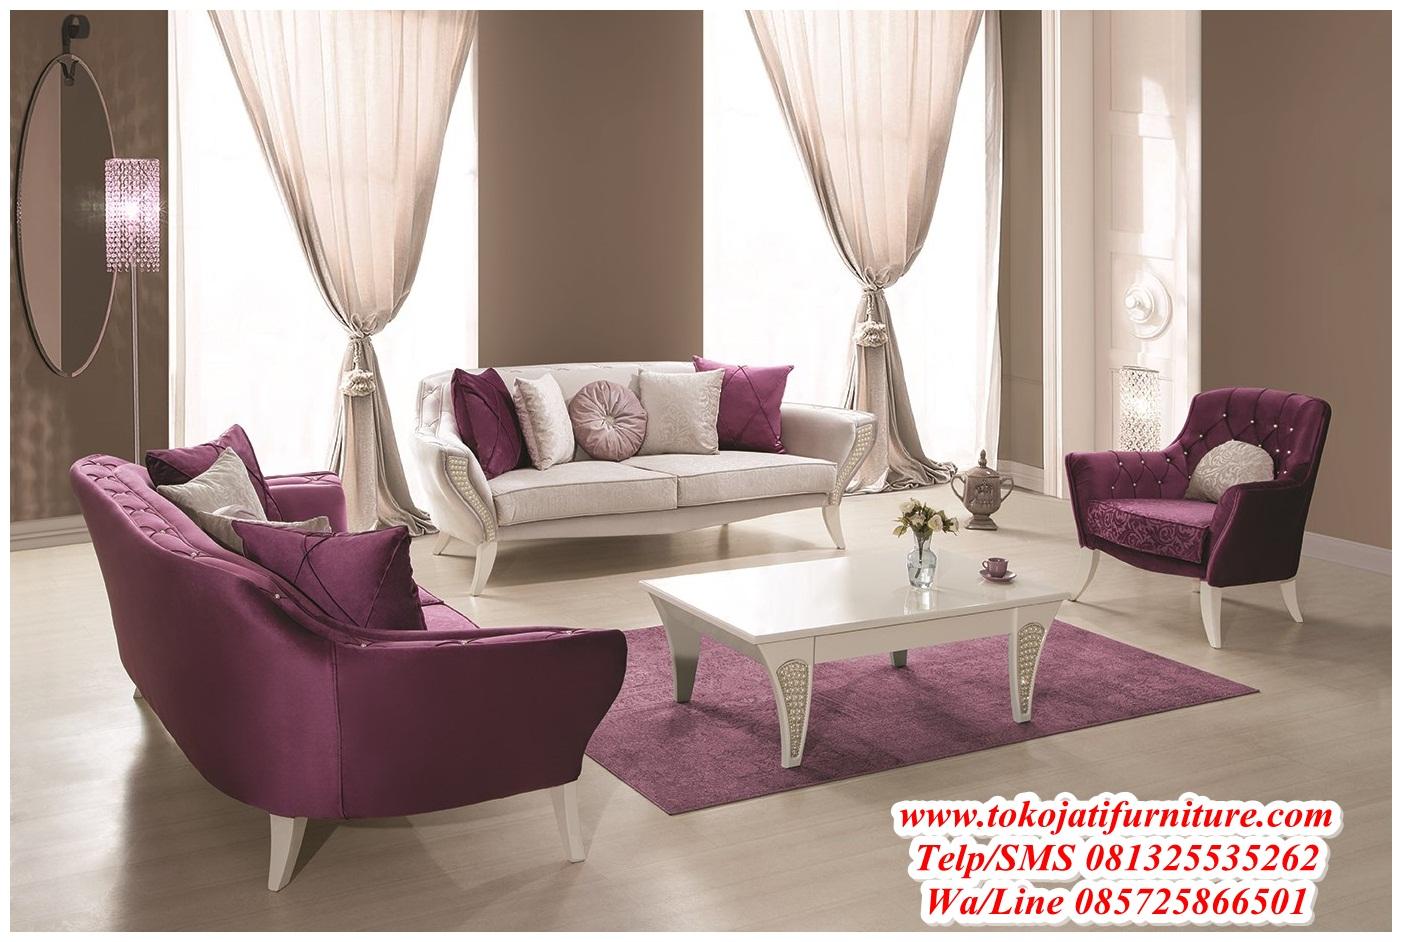 Set-Kursi-Sofa-Mewah-Modern Set Kursi Sofa Mewah Modern